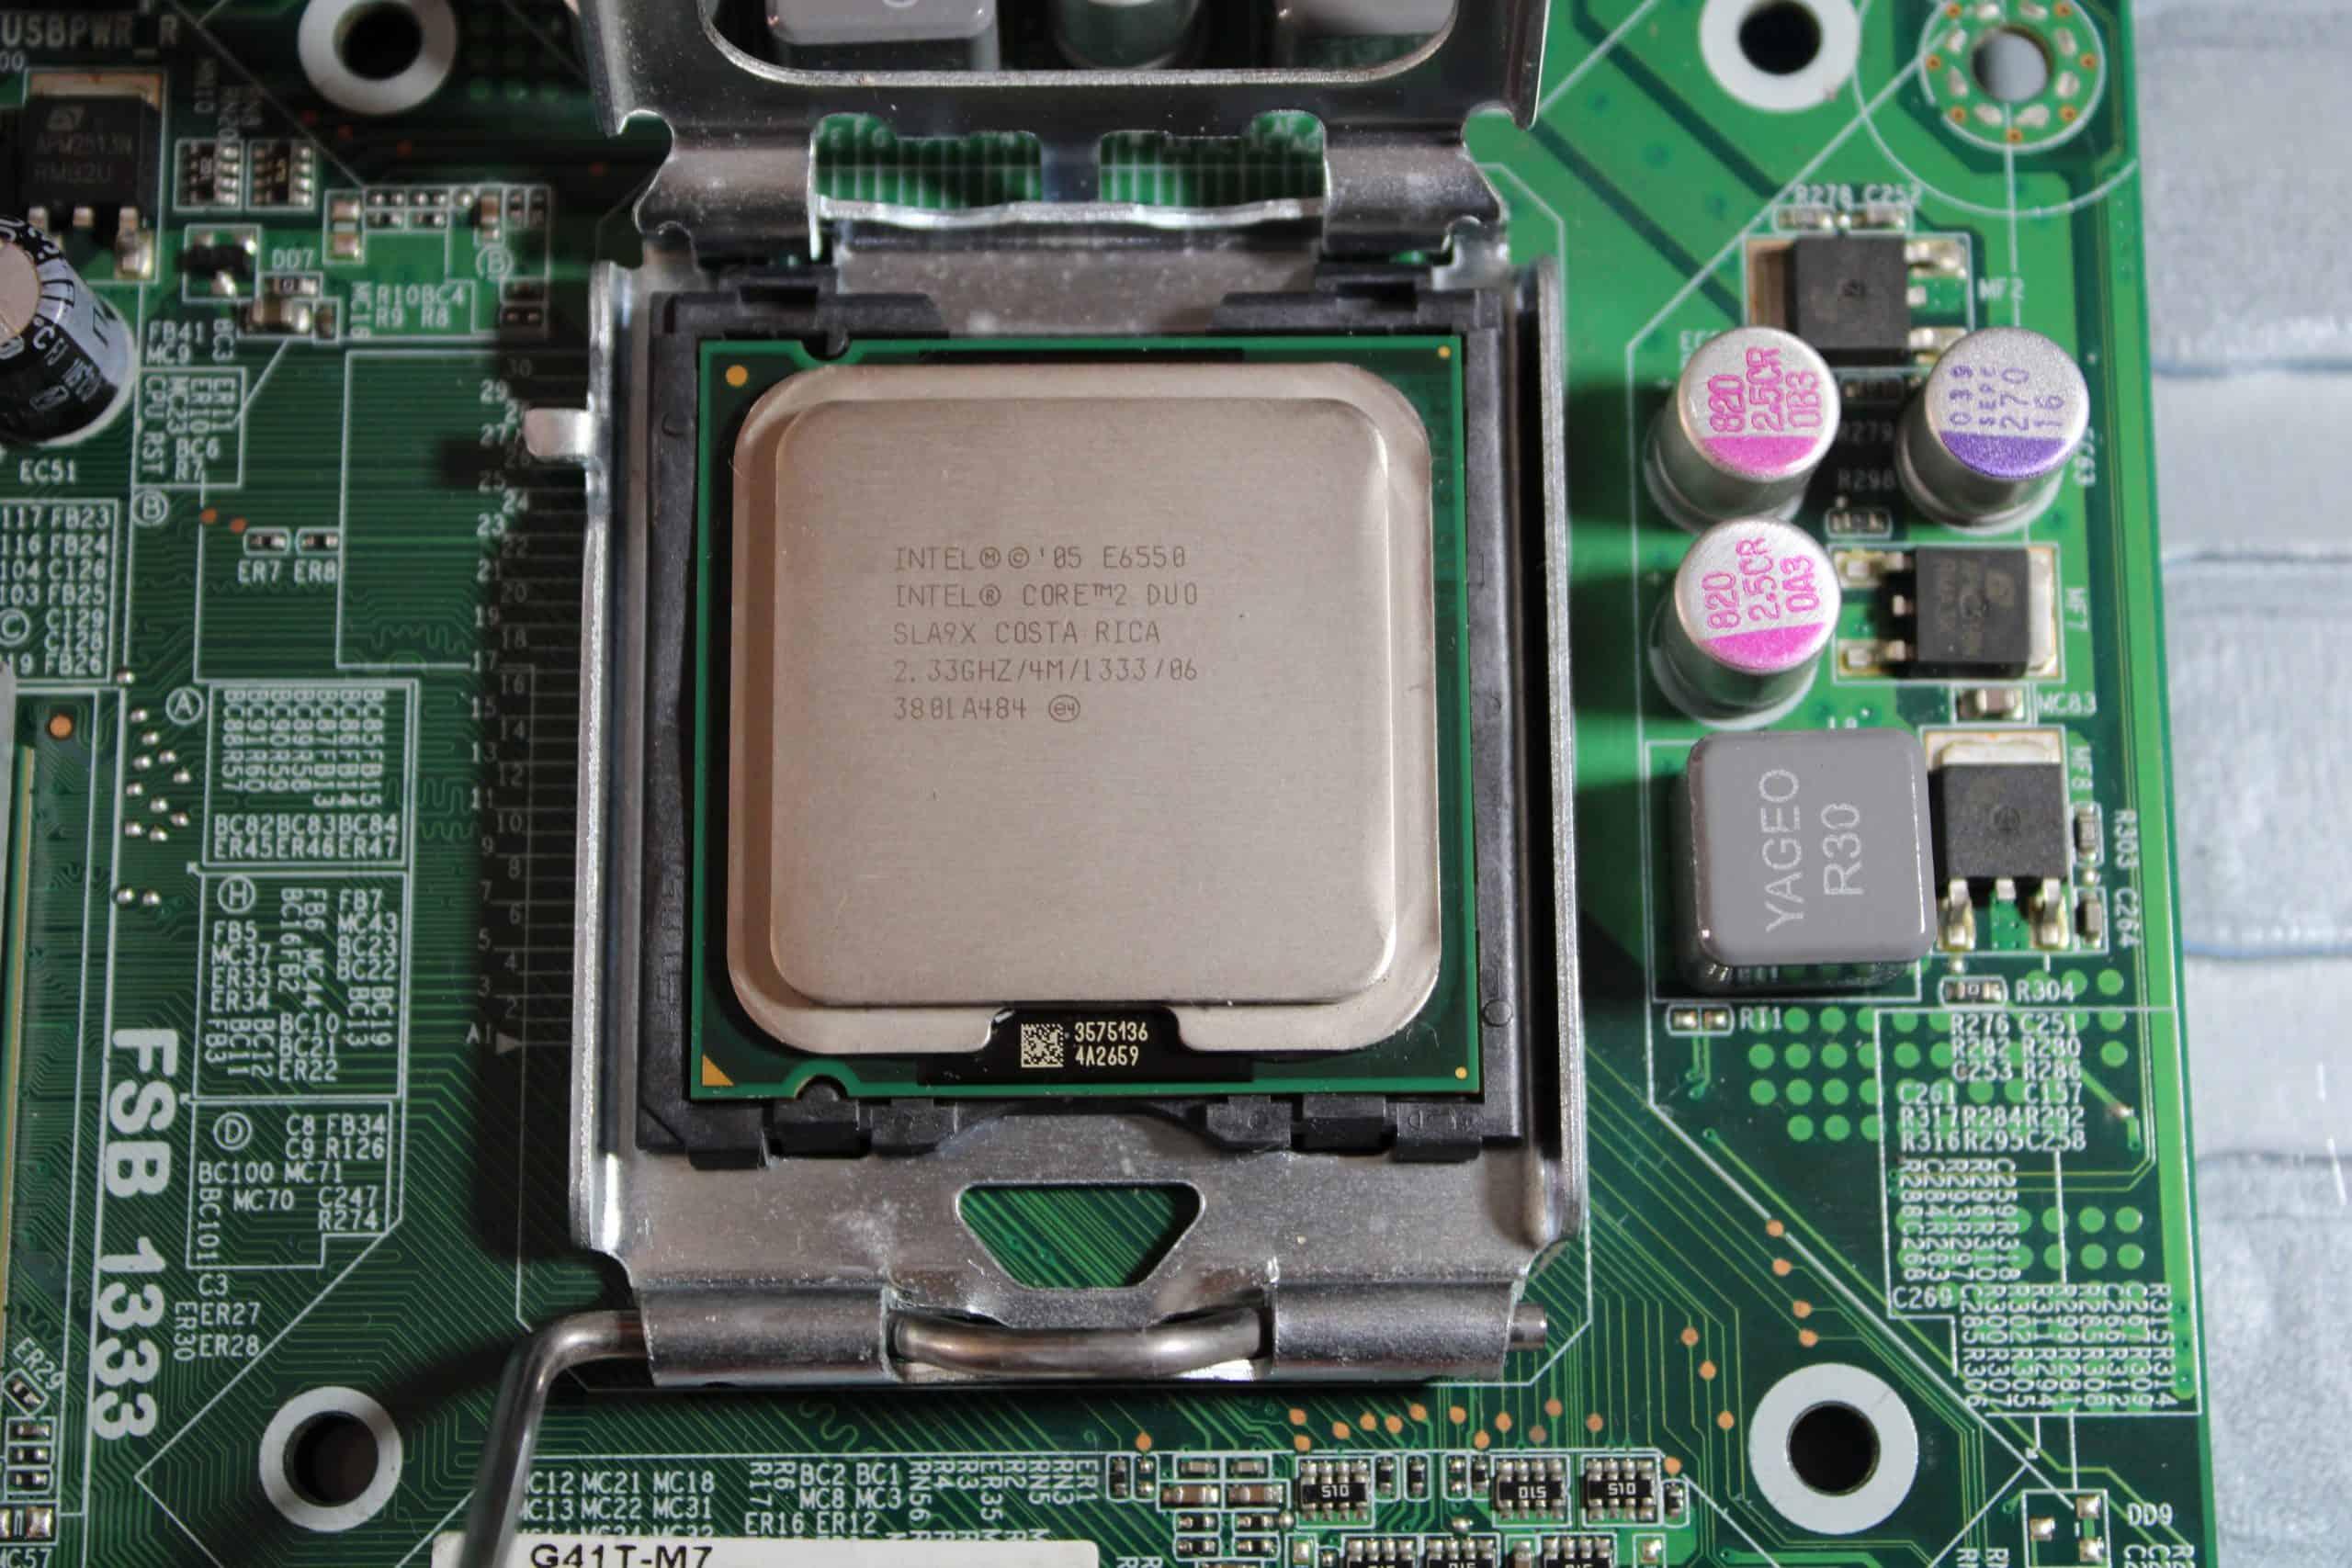 Una motherboard necesita programas especiales para funcionar correctamente